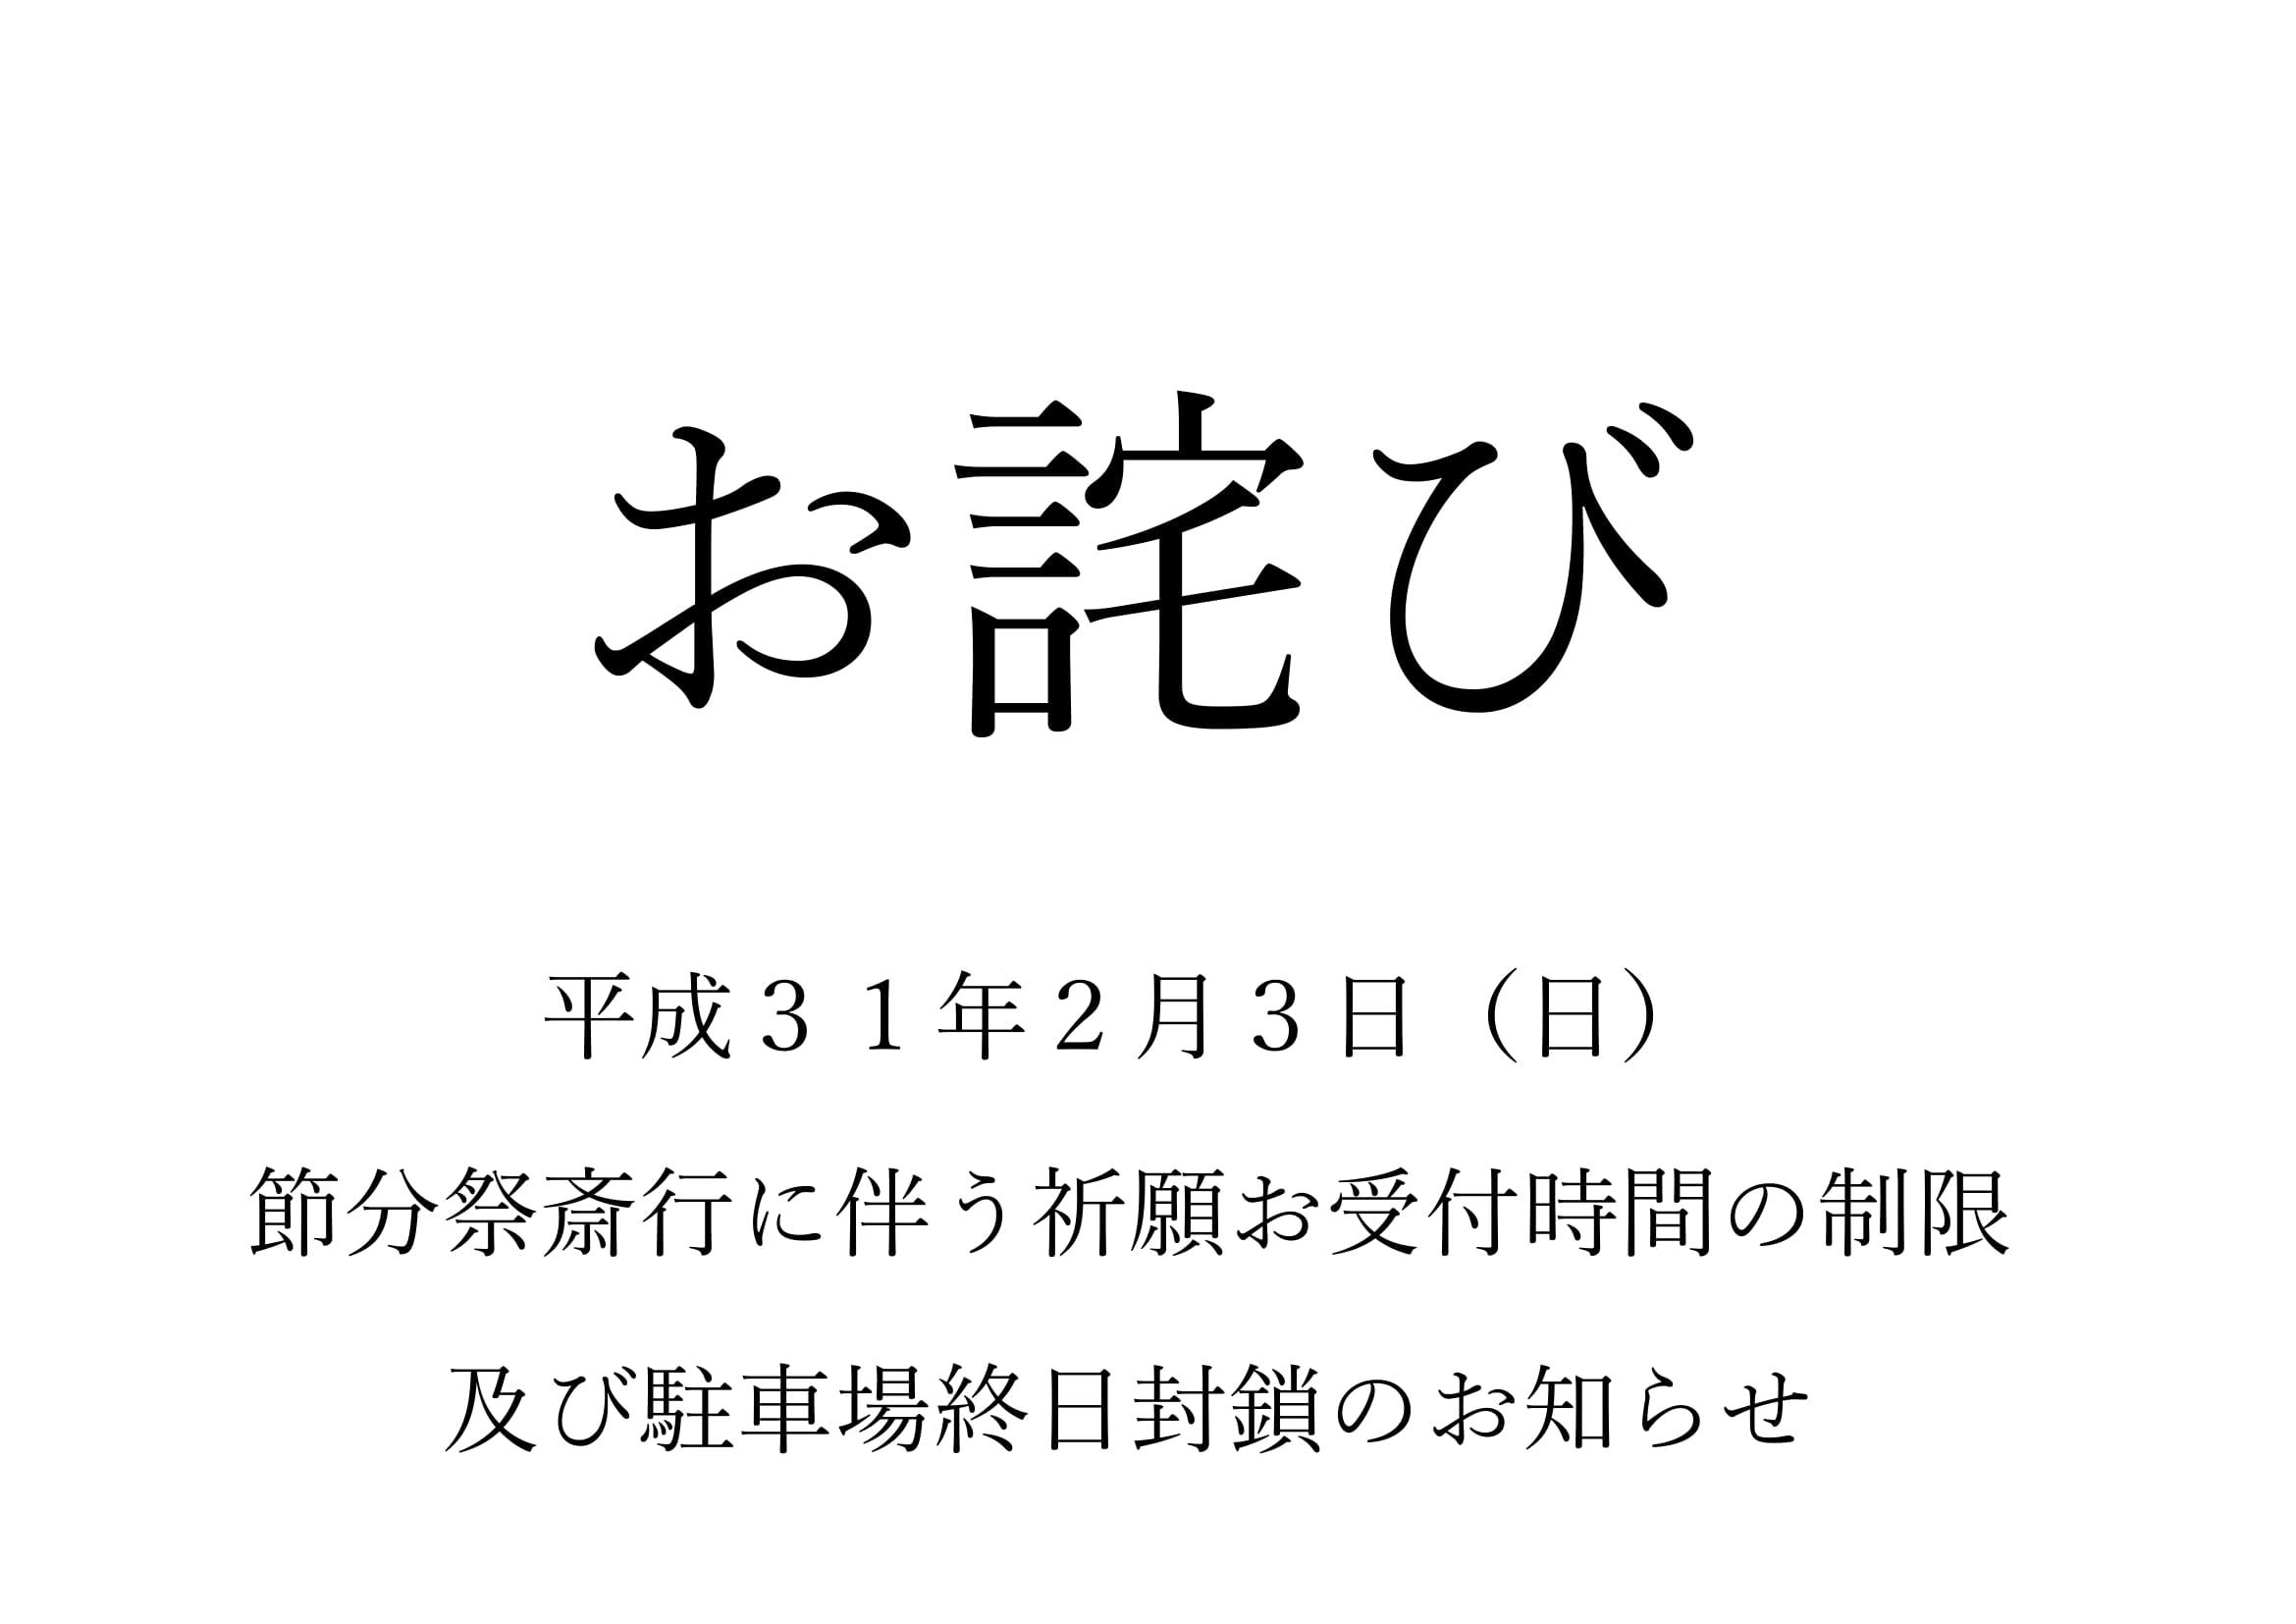 2月3日(日)節分祭斎行に伴う祈願お受付時間の制限、駐車場終日閉鎖のお知らせ